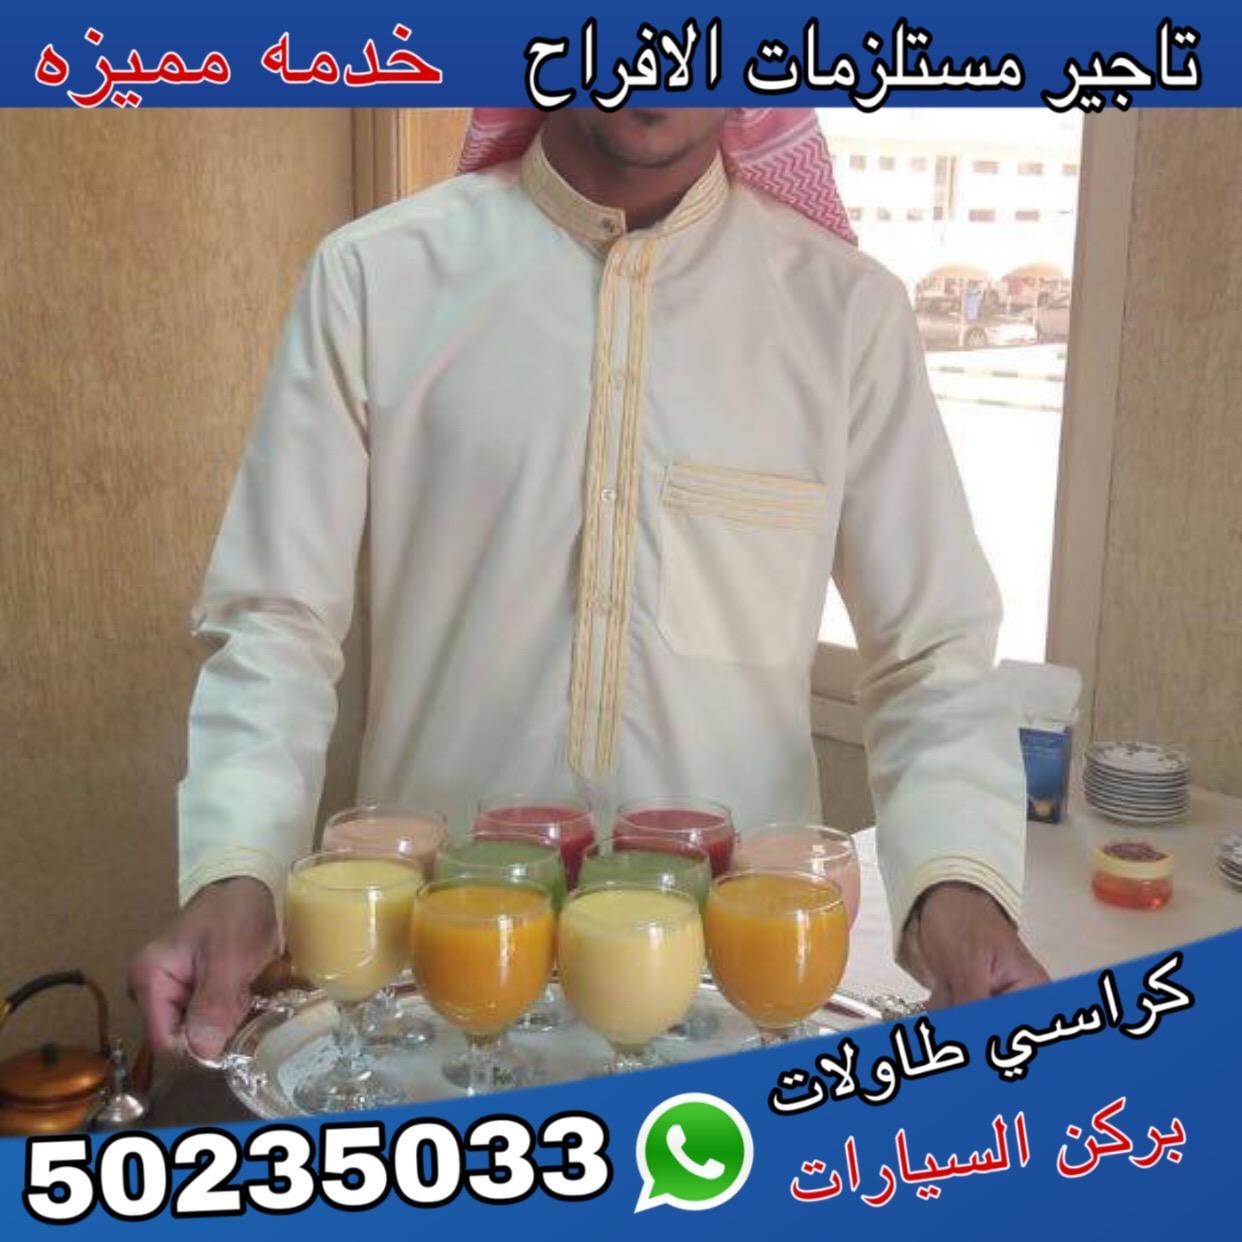 خدمة شاي وقهوه رجال | 50235033 | الفخامة الكويتية